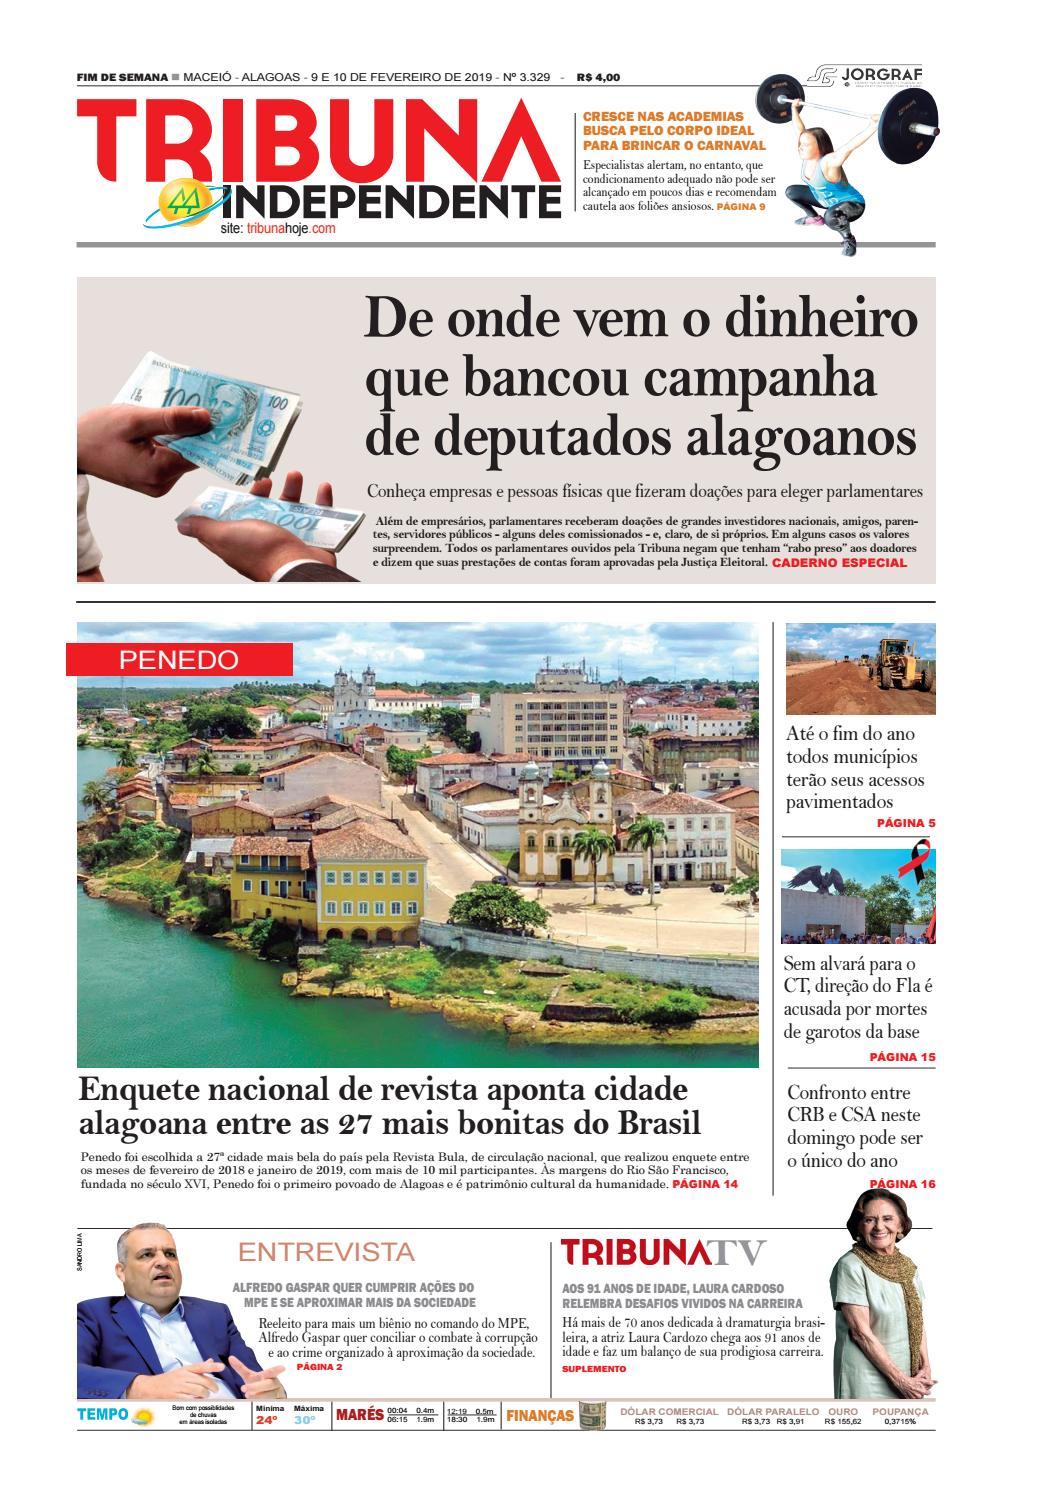 Edição número 3329 - 9 e 10 de fevereiro de 2019 by Tribuna Hoje - issuu f1746e83990bf